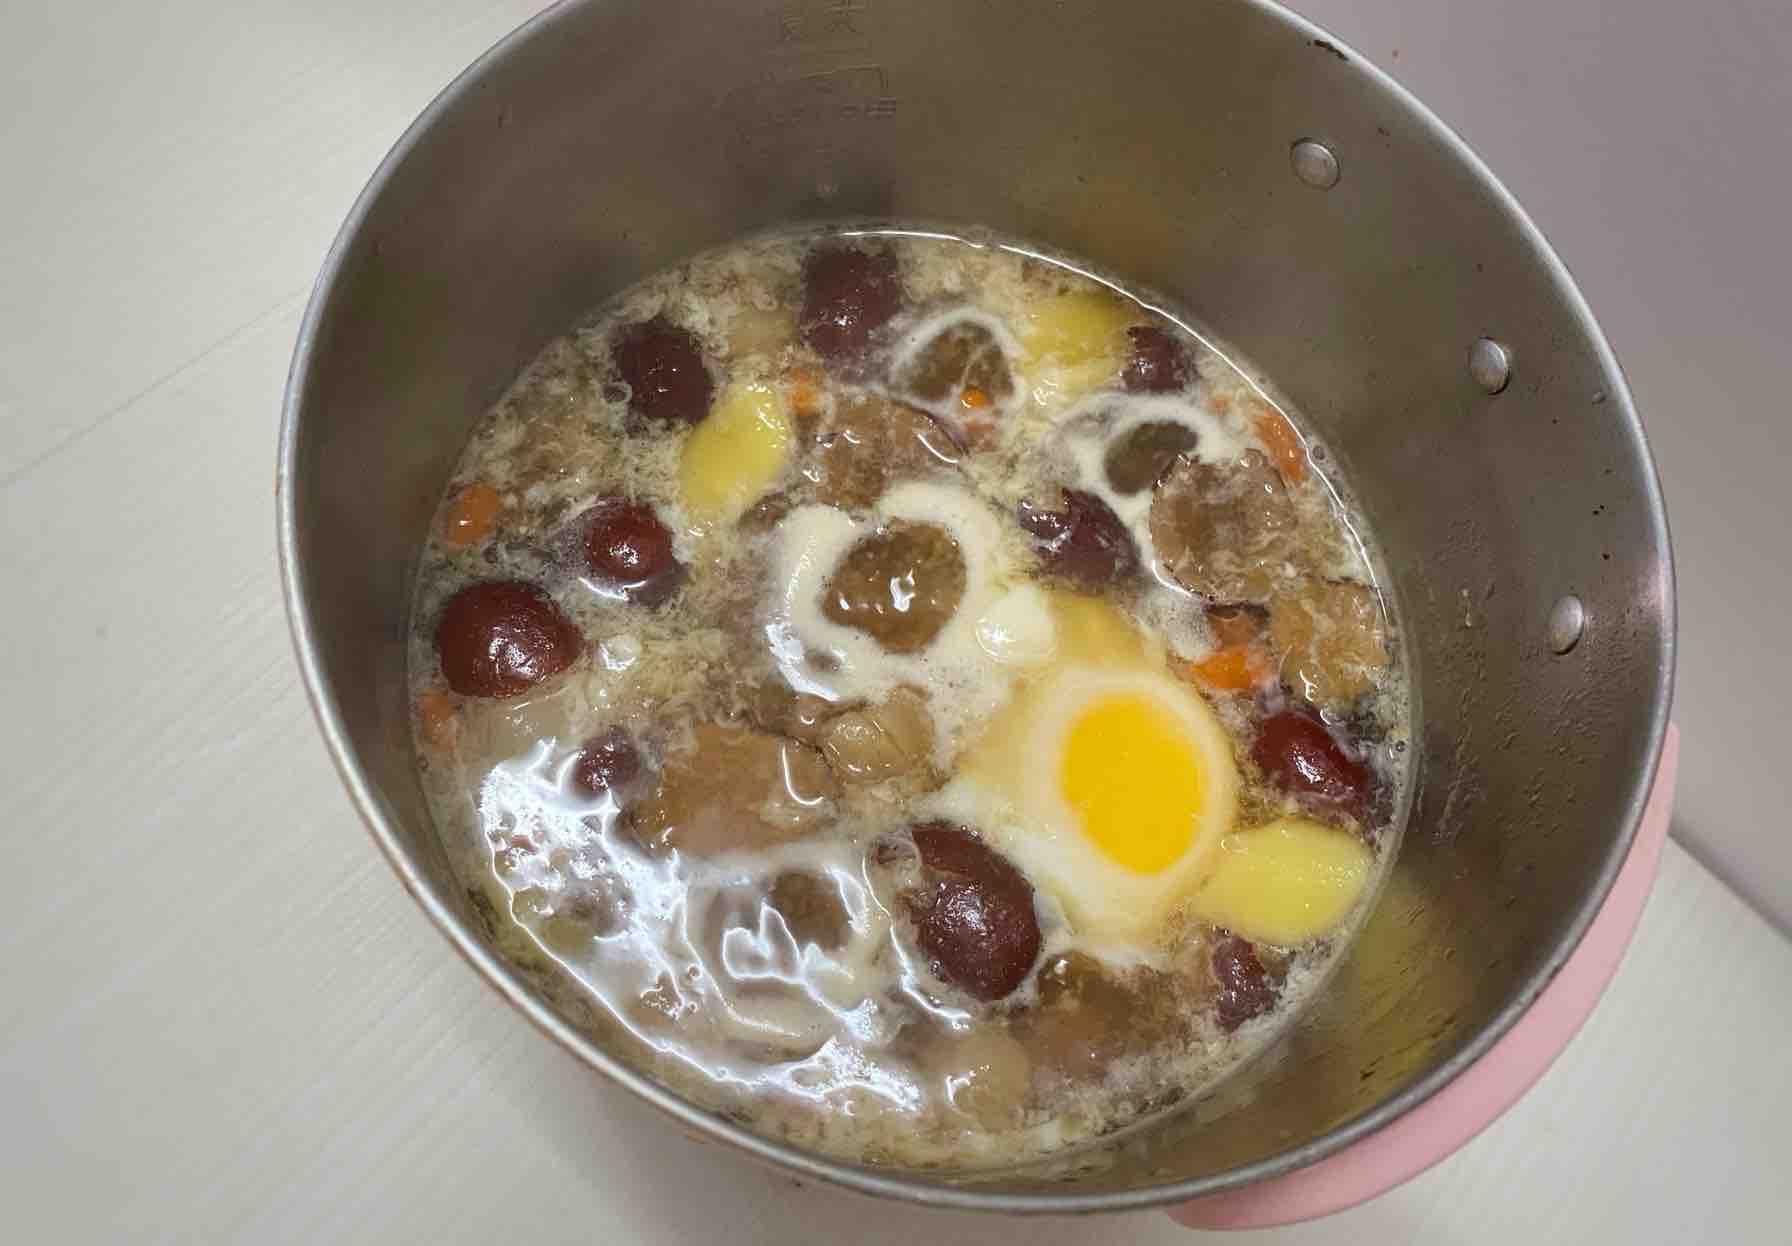 缓解痛经|红枣桂圆枸杞鸡蛋红糖水的步骤